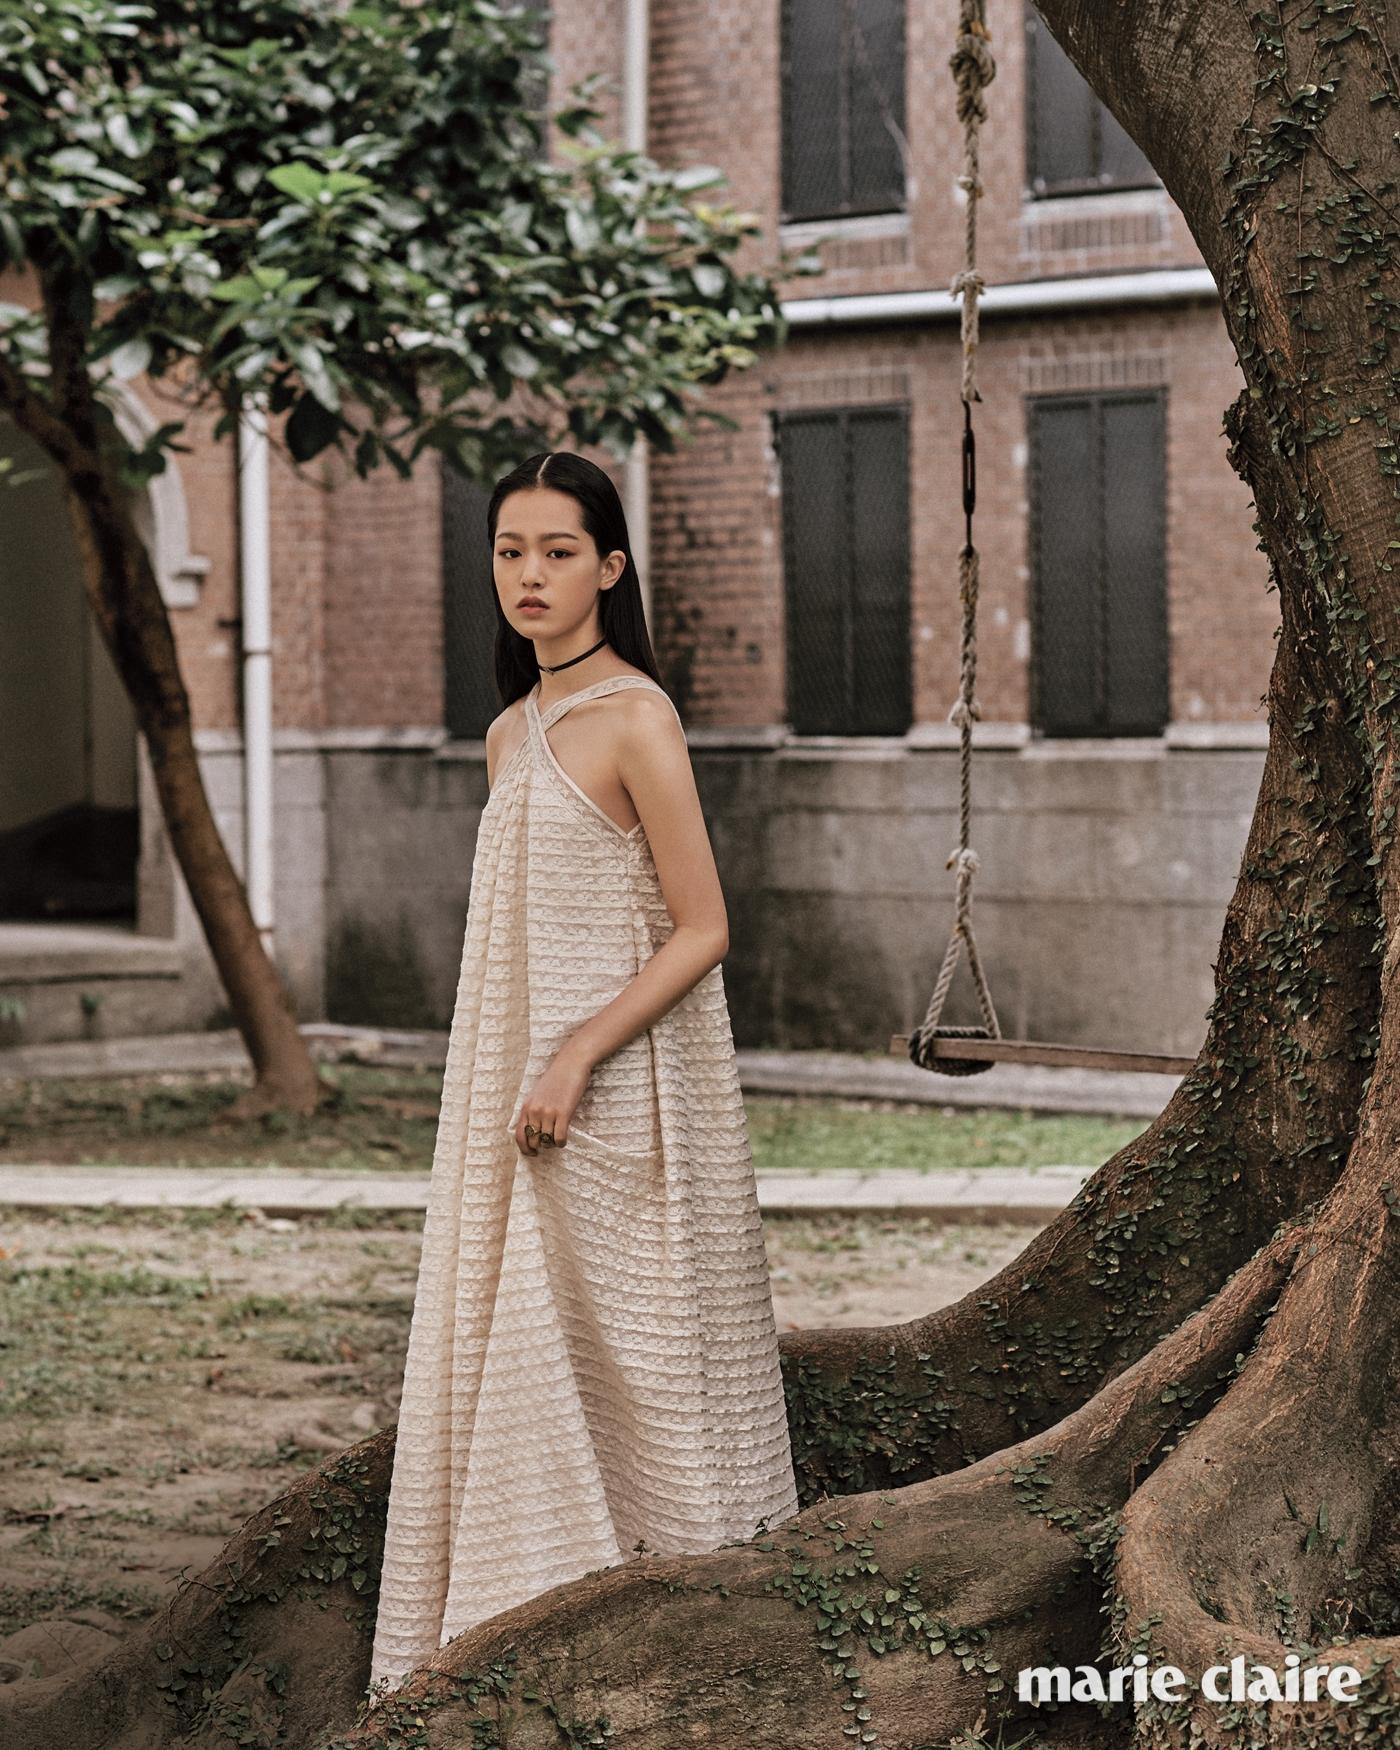 크림색 홀터넥 드레스, 별 펜던트 초커, 여러 개 함께 낀 별자리 모티프 반지 모두 디올(Dior).